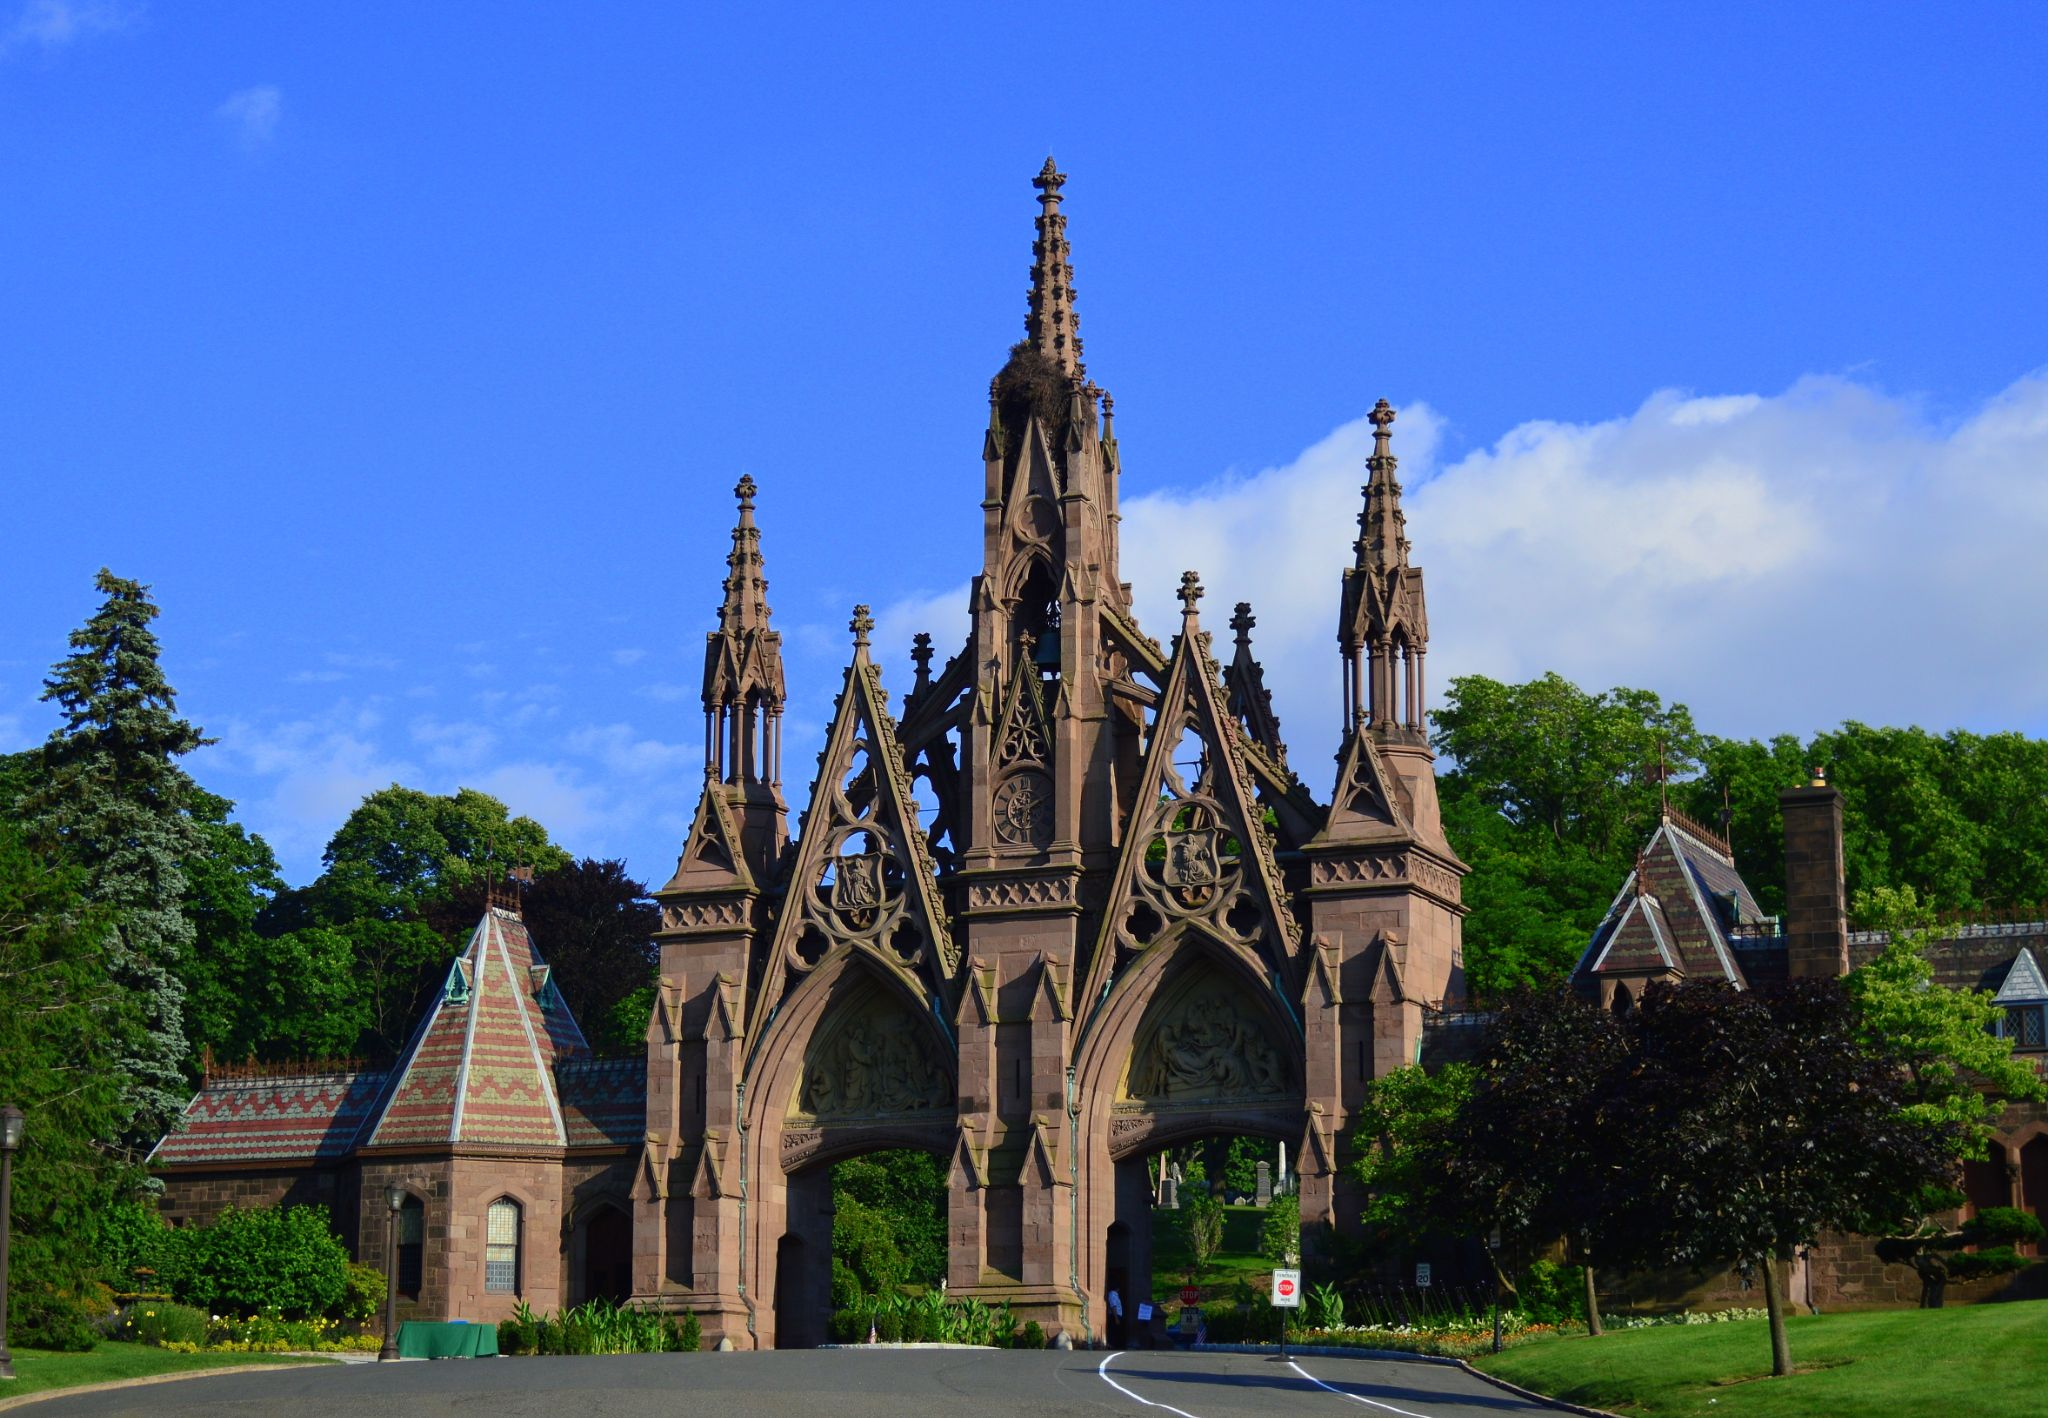 Main Gate to Greenwood Cemetery.Brooklyn, New York USA by Andrew Piekut